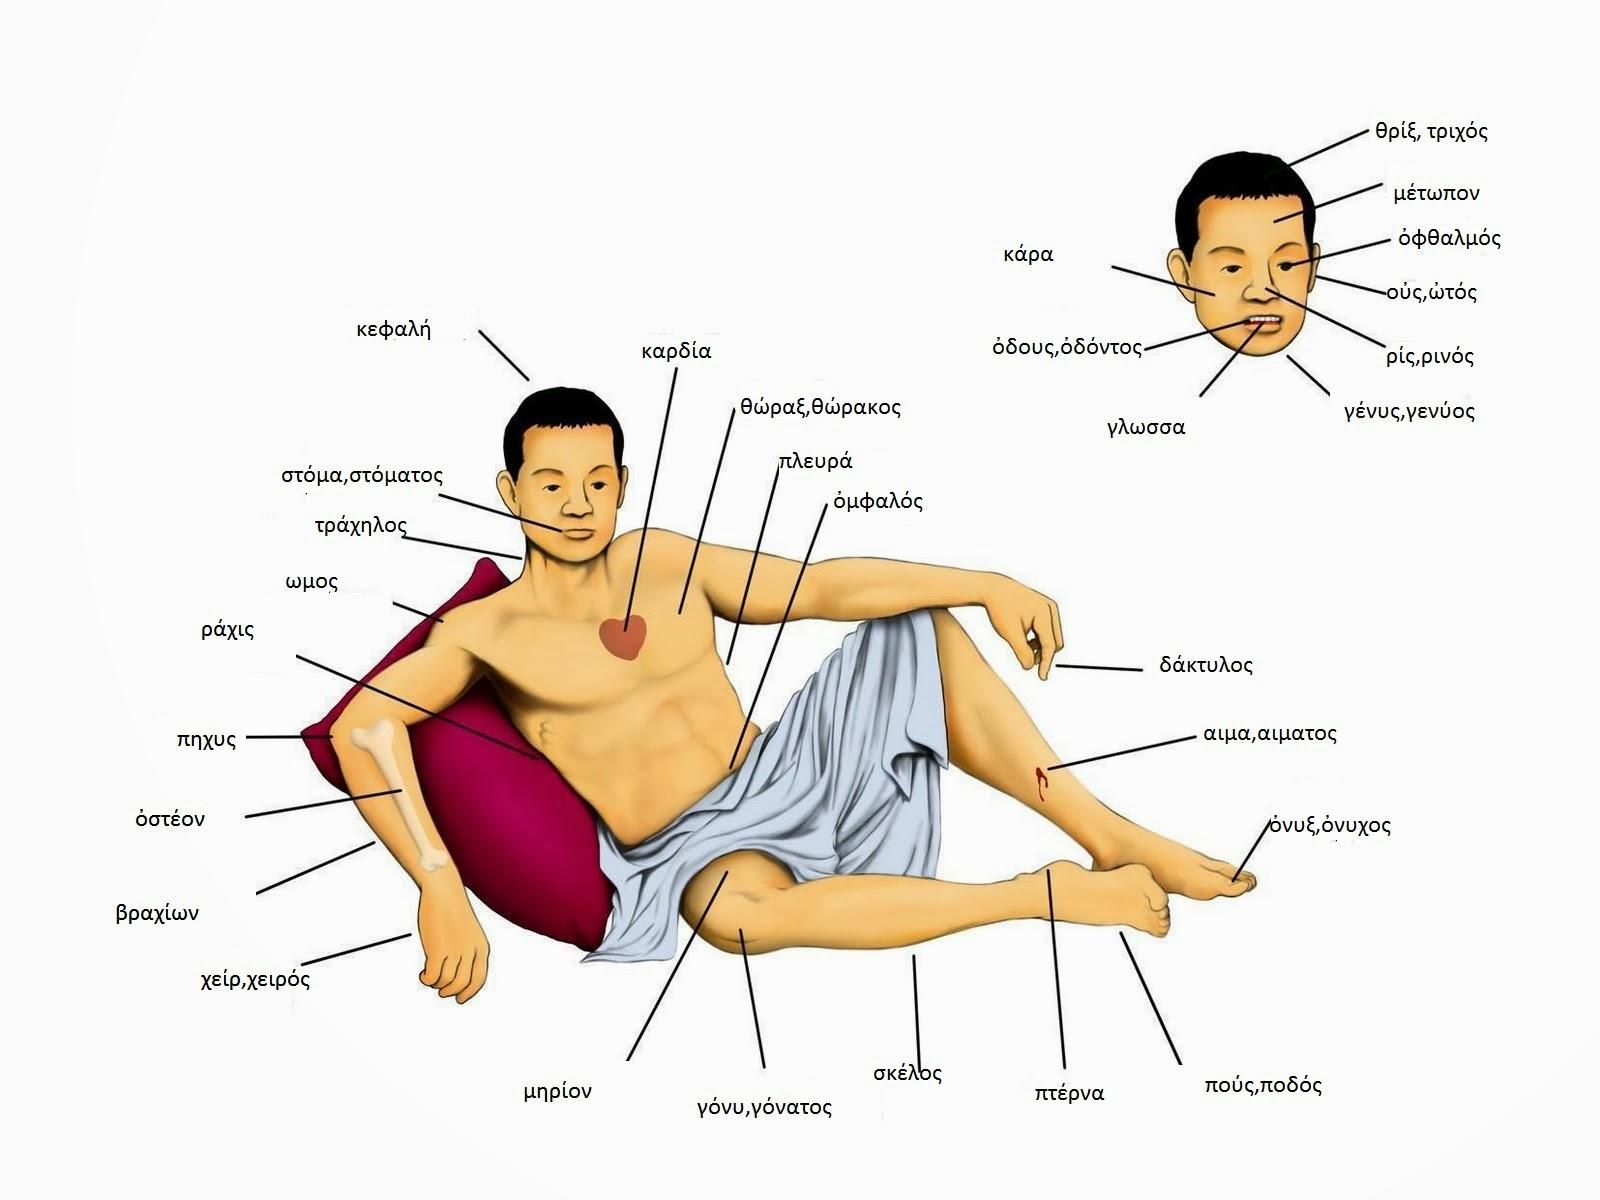 CLÁSICOS GOYA: Partes del cuerpo humano